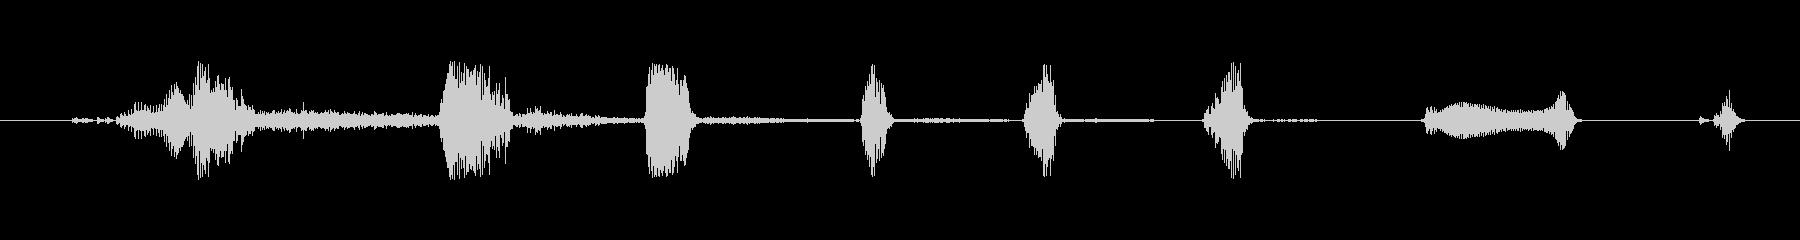 鳴き声 男性笑うブライト09の未再生の波形